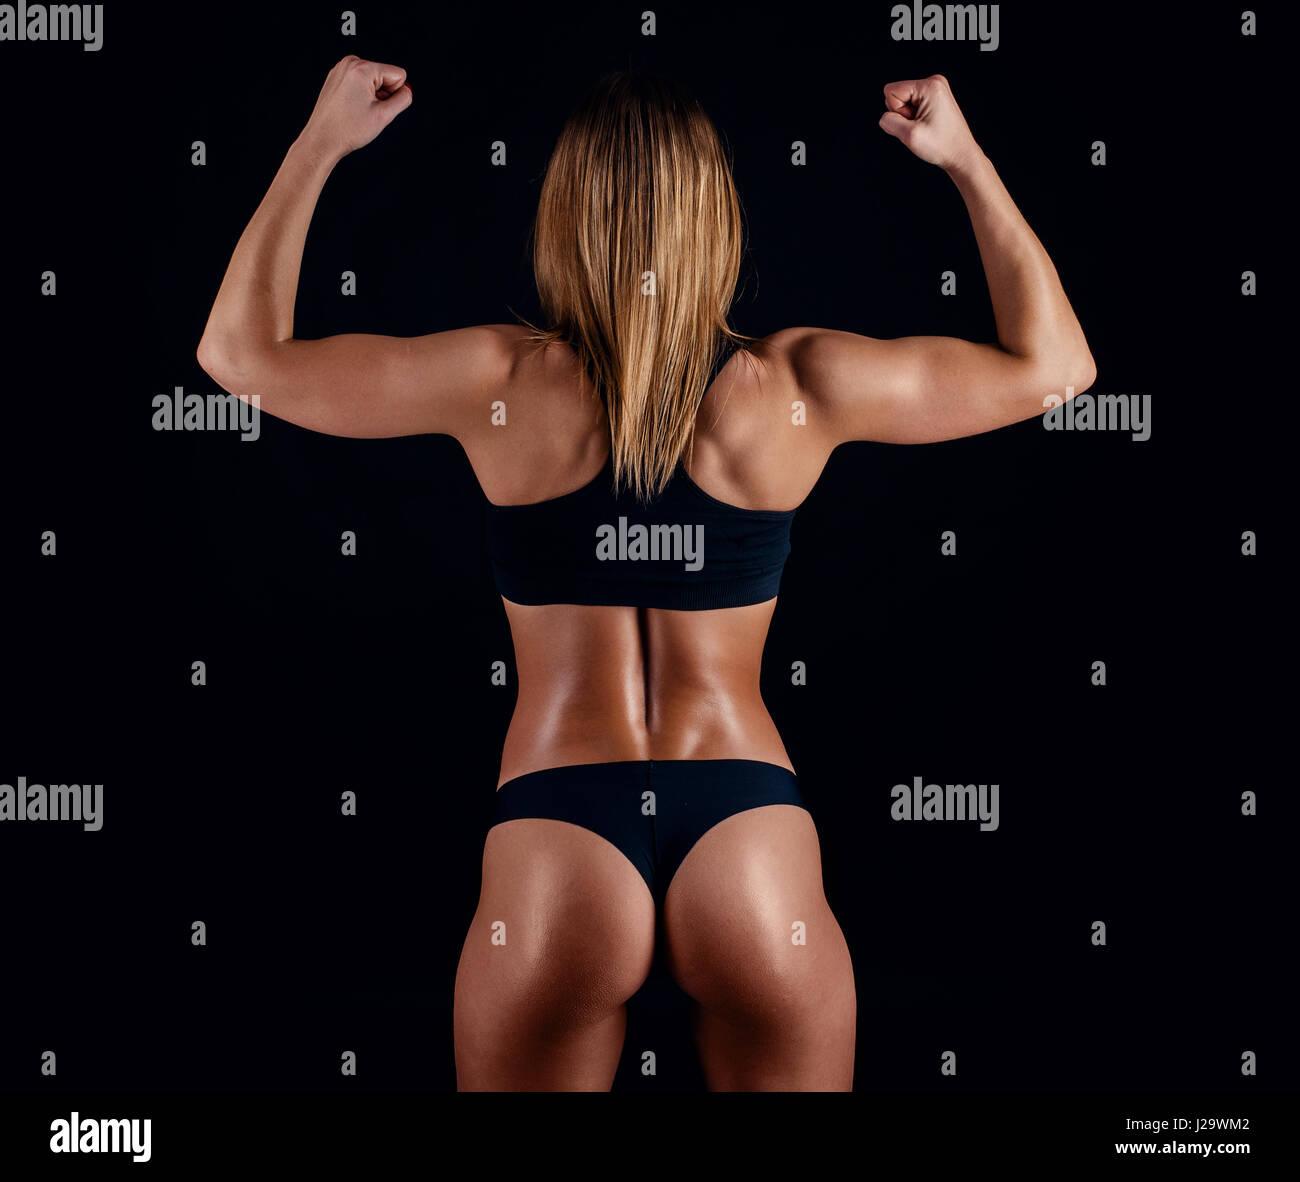 Sportliches Girl mit großen Muskeln im schwarzen Sportbekleidung ...